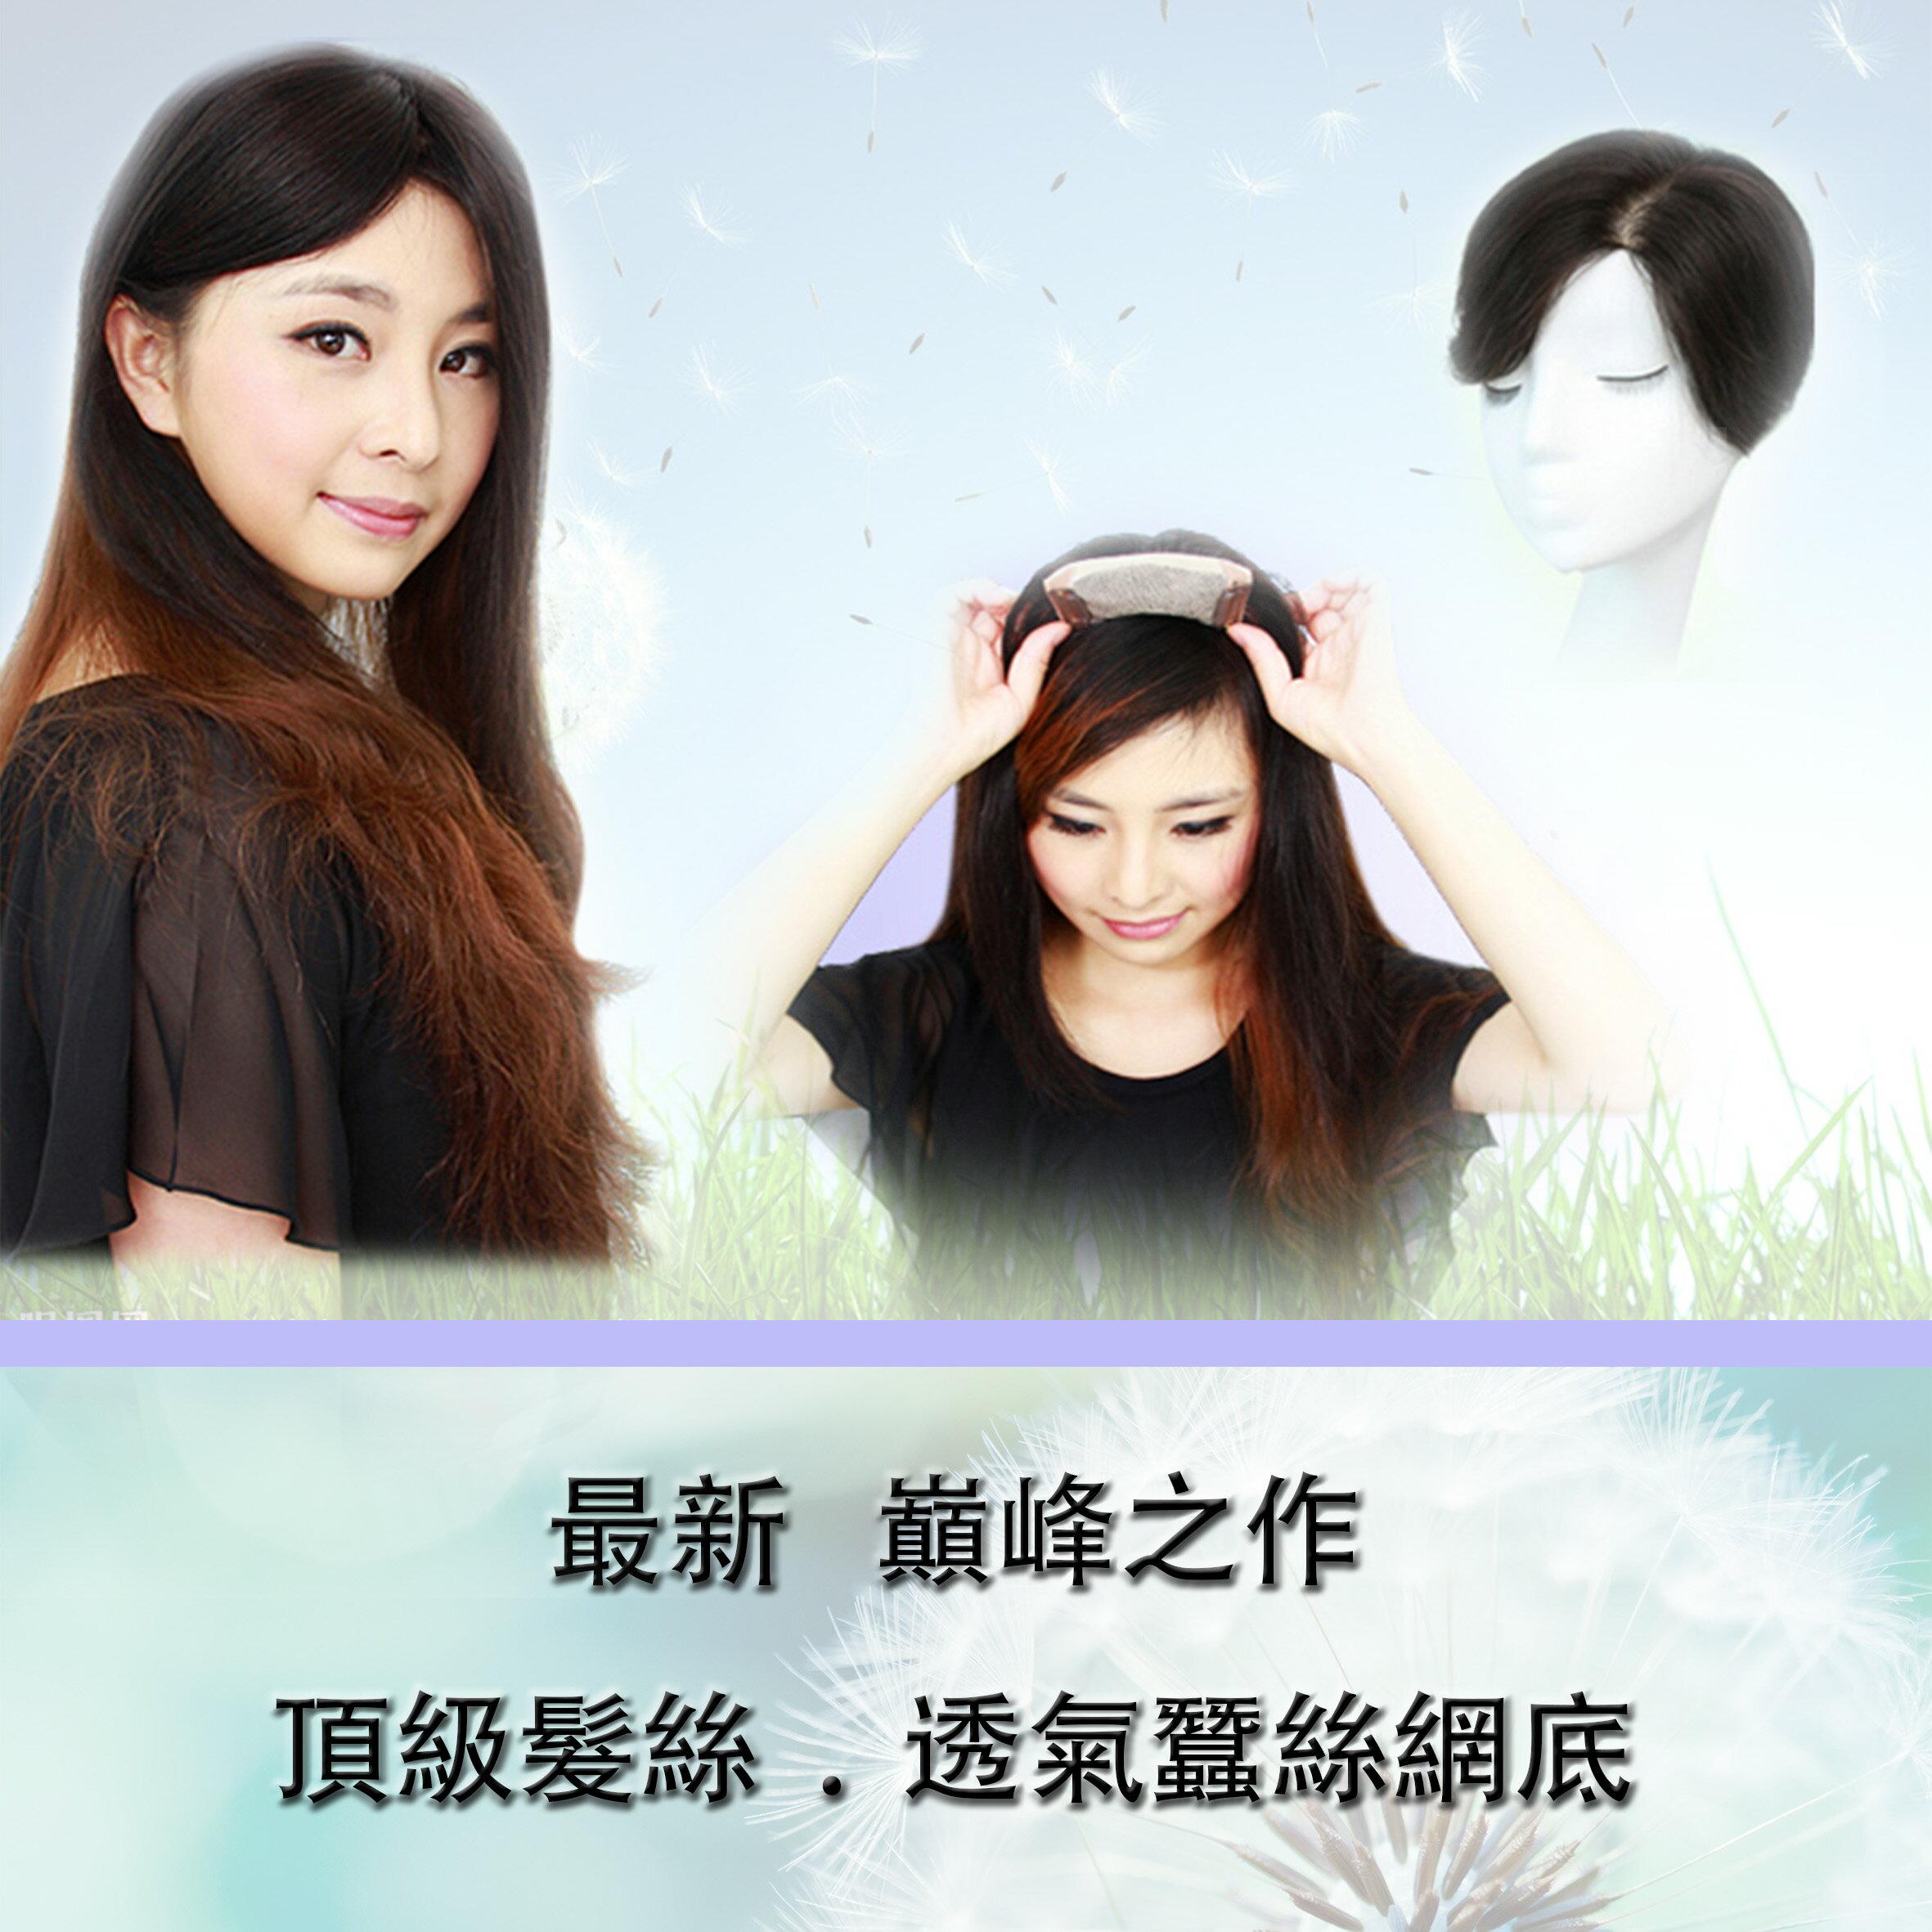 水媚兒假髮♥真人髮絲女性高仿真頭皮補髮塊-3# 16X15cm/髮長15cm ♥預購